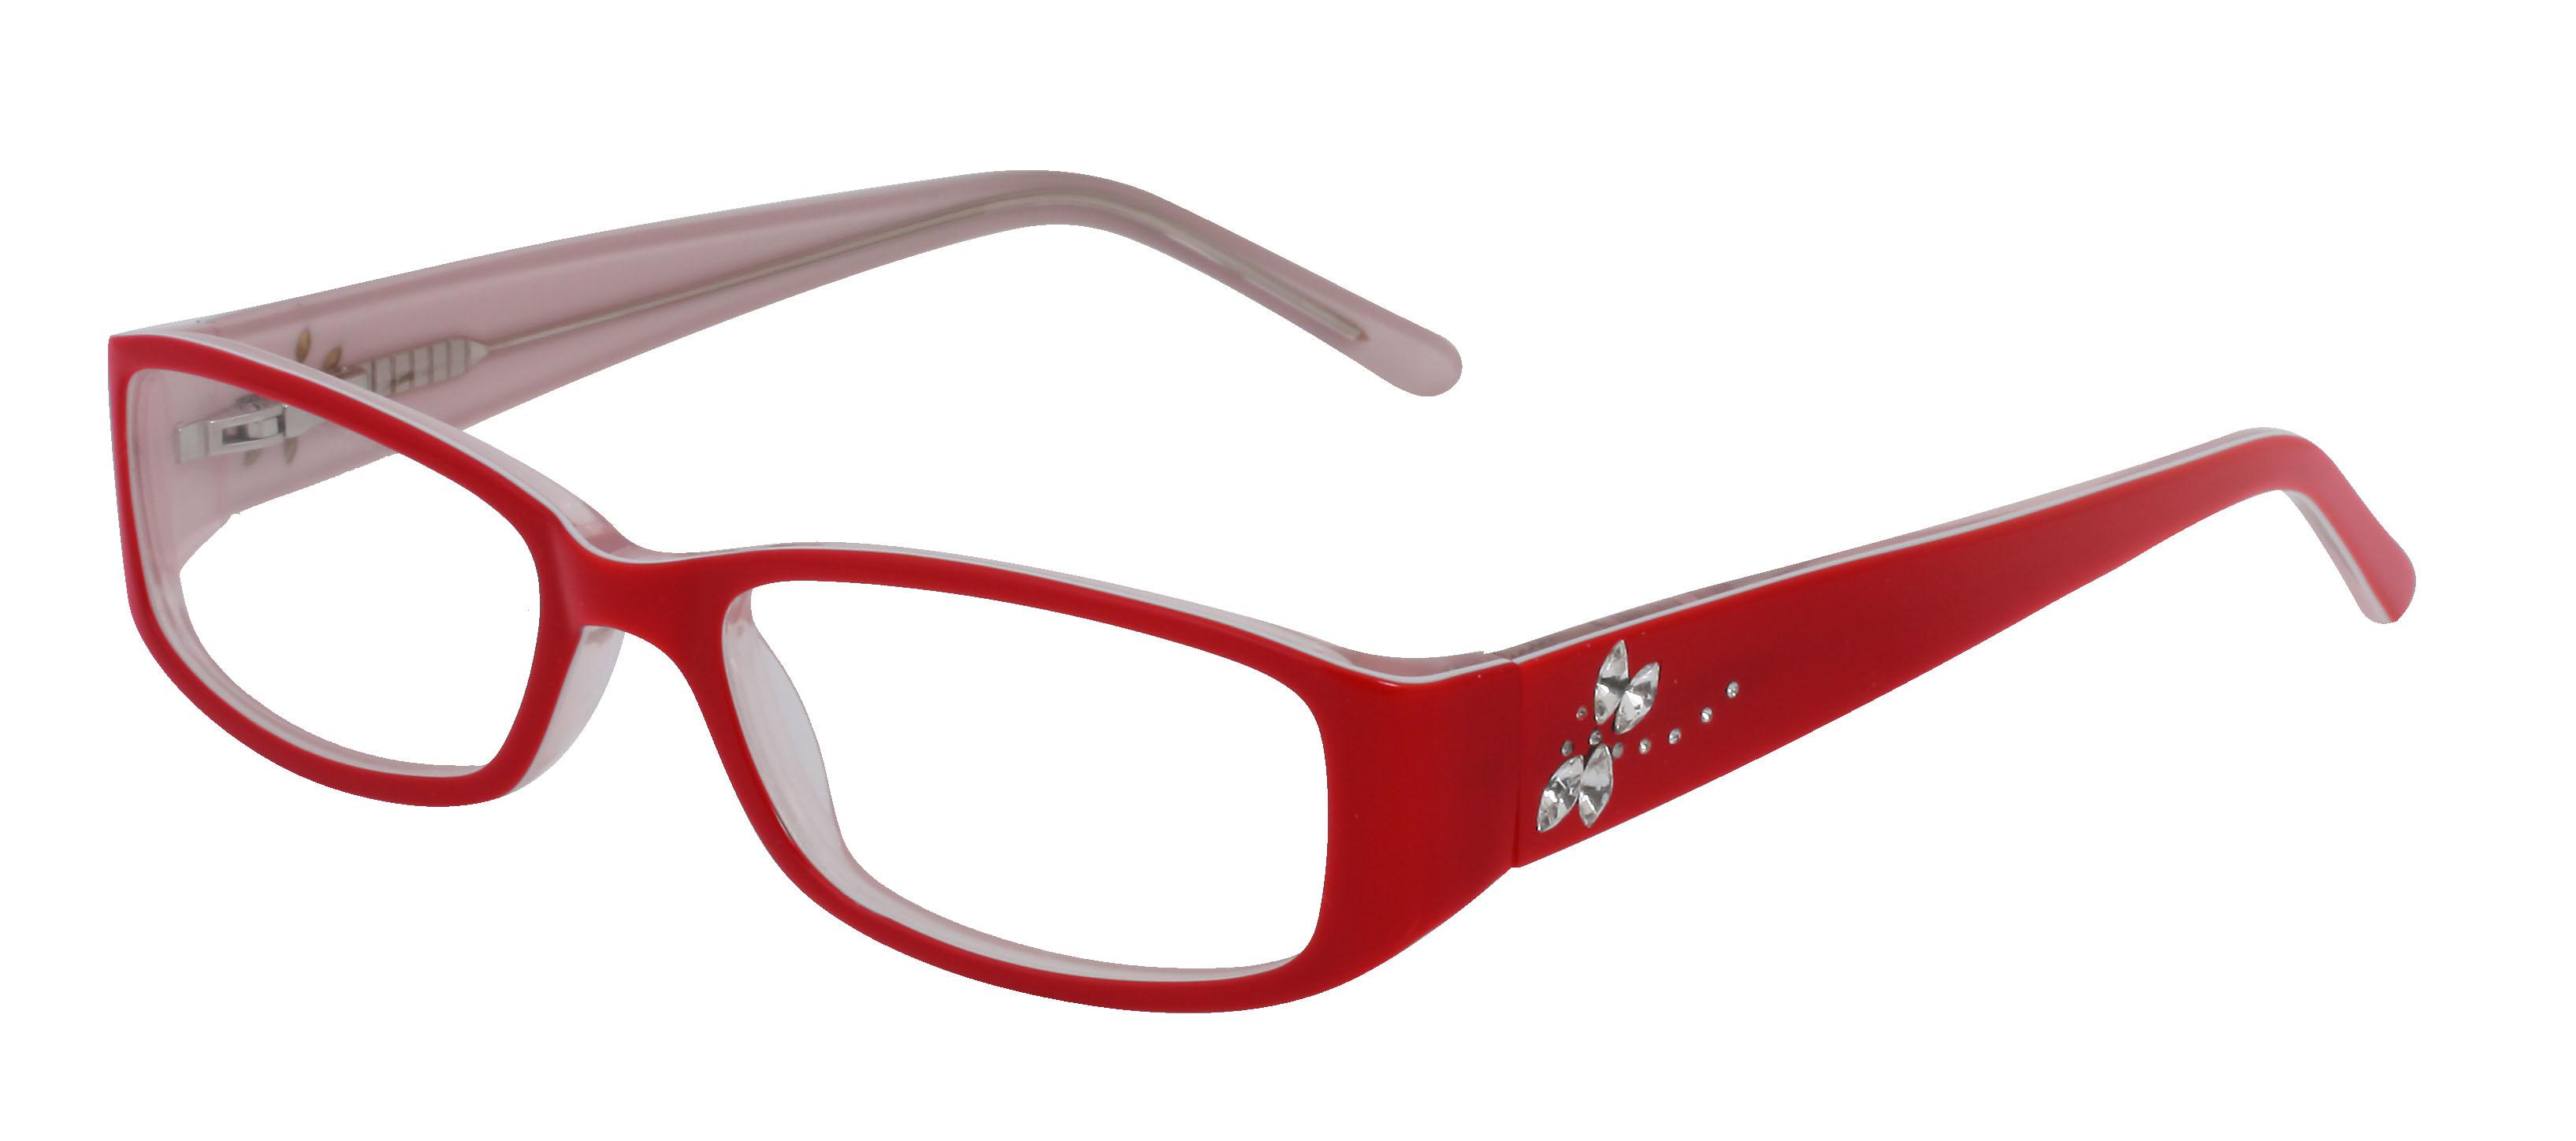 Wik Optic. Optyk, lekarz okulista - adres, telefon, www | Inne - Usługi Bielany Bielany